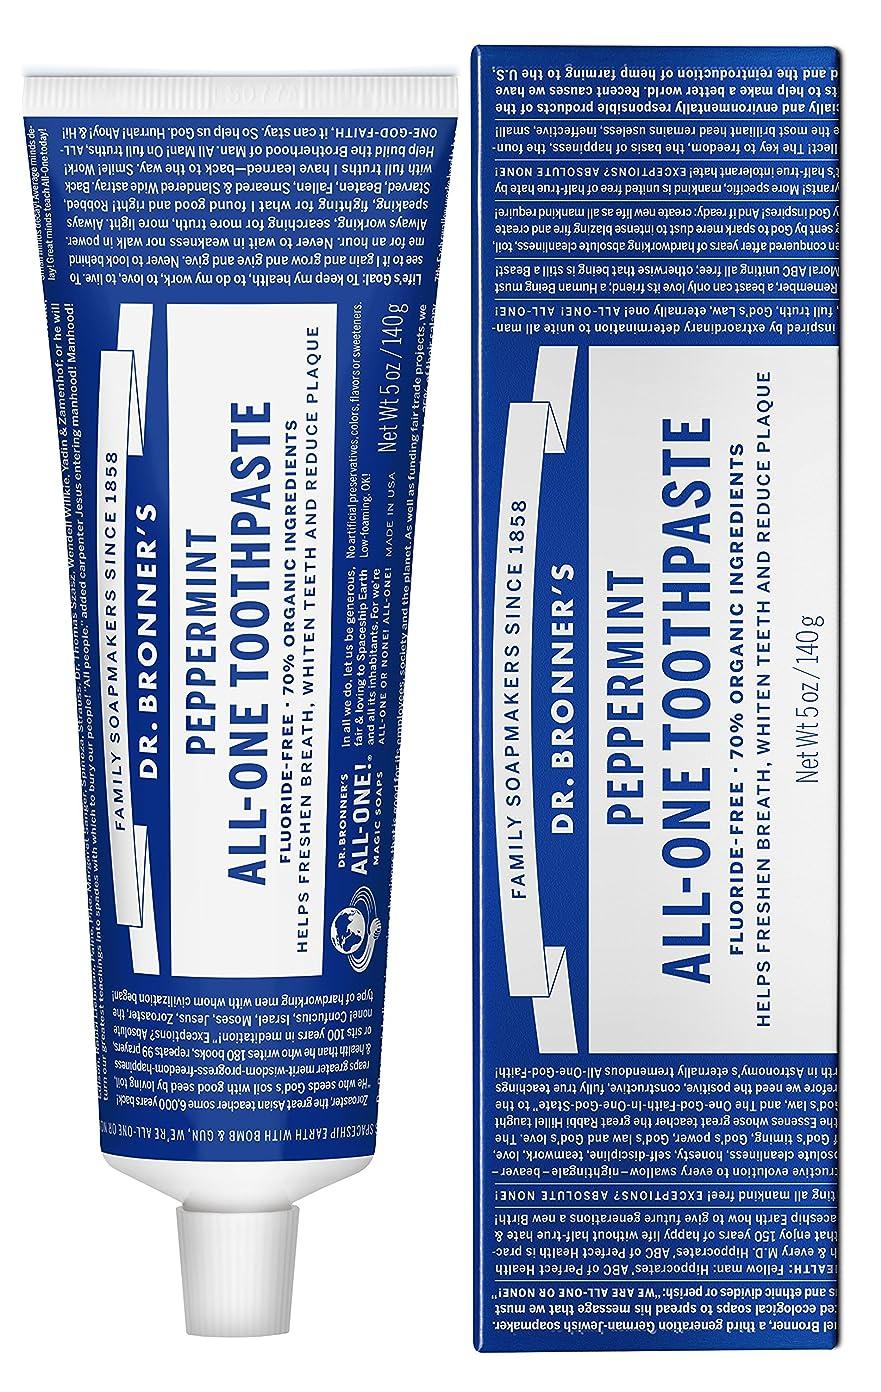 羊持続的最小化するドクターブロナー オールワン トゥースペースト(美白歯磨き粉) 140g 無添加?オーガニック、ココナッツオイル配合 Dr.Bronner's All-One Toothpaste 140g